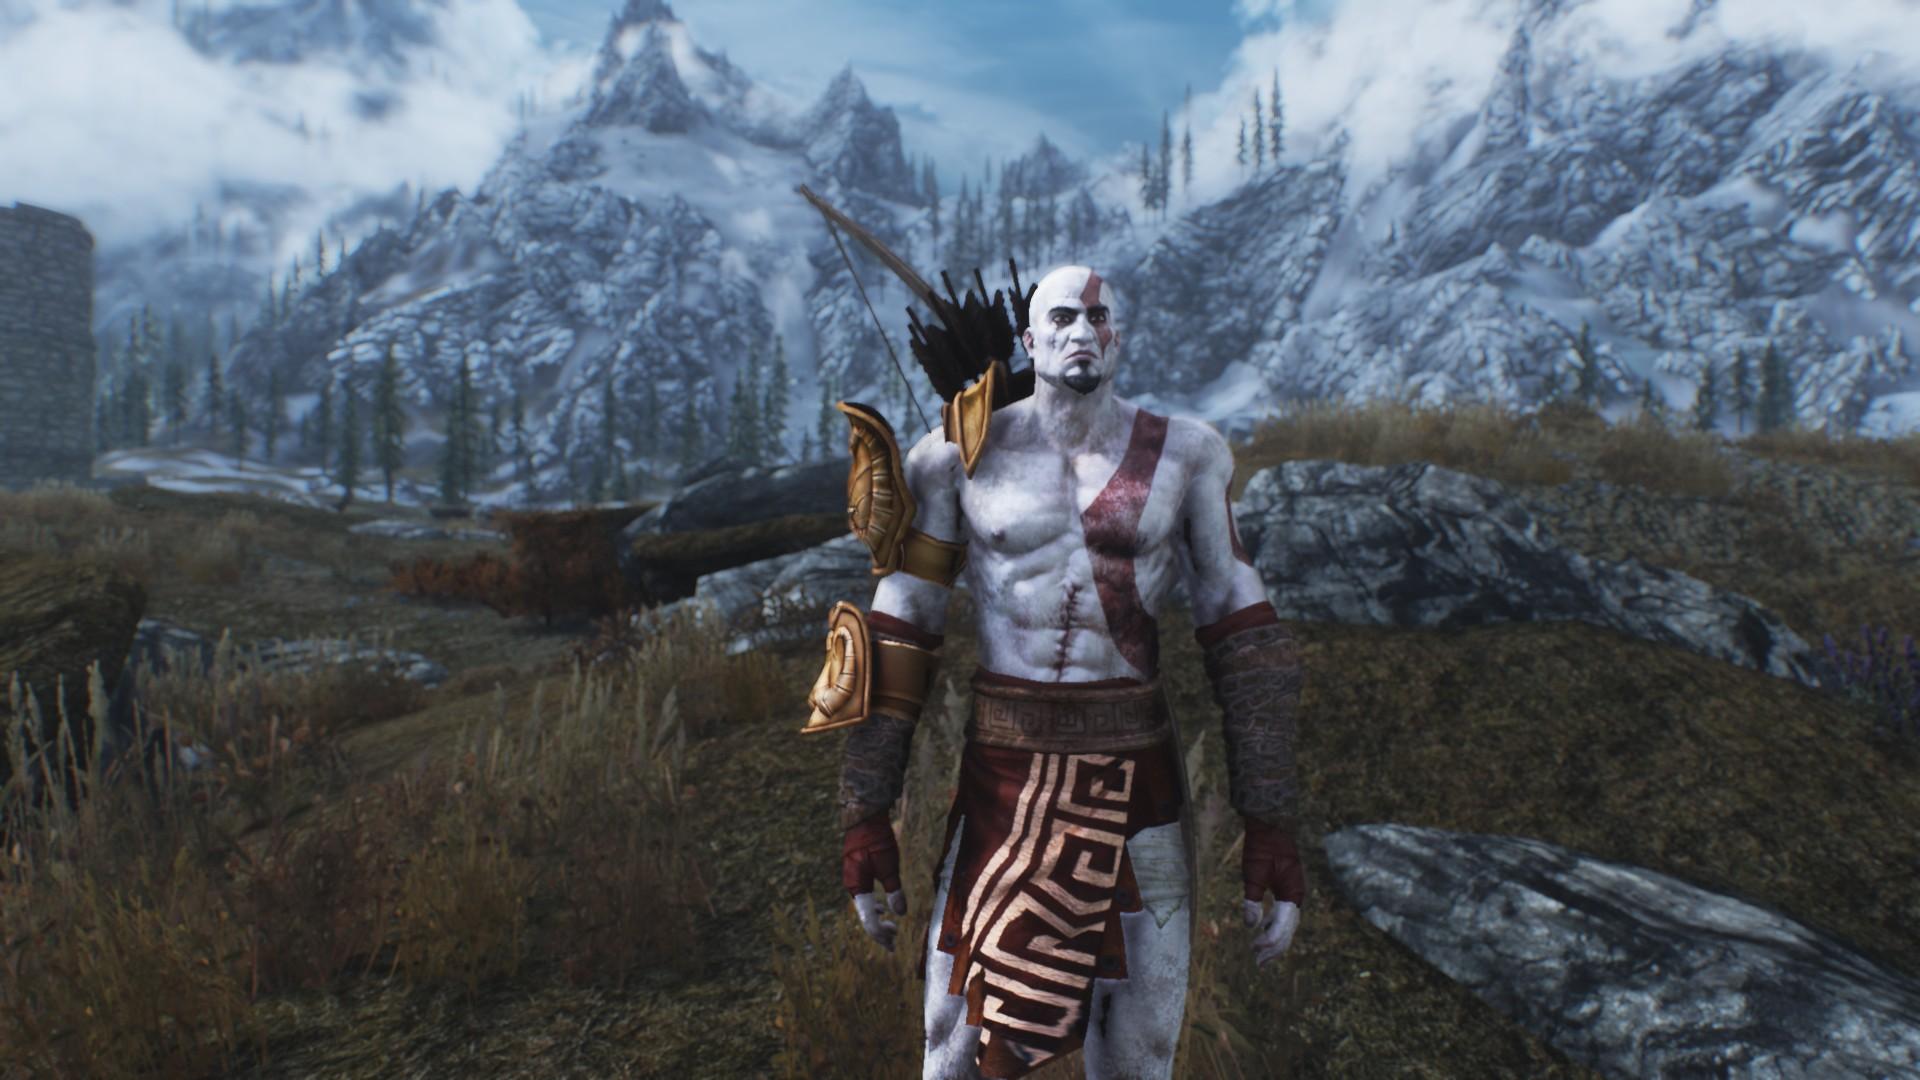 """Résultat de recherche d'images pour """"Skyrim god of war"""""""